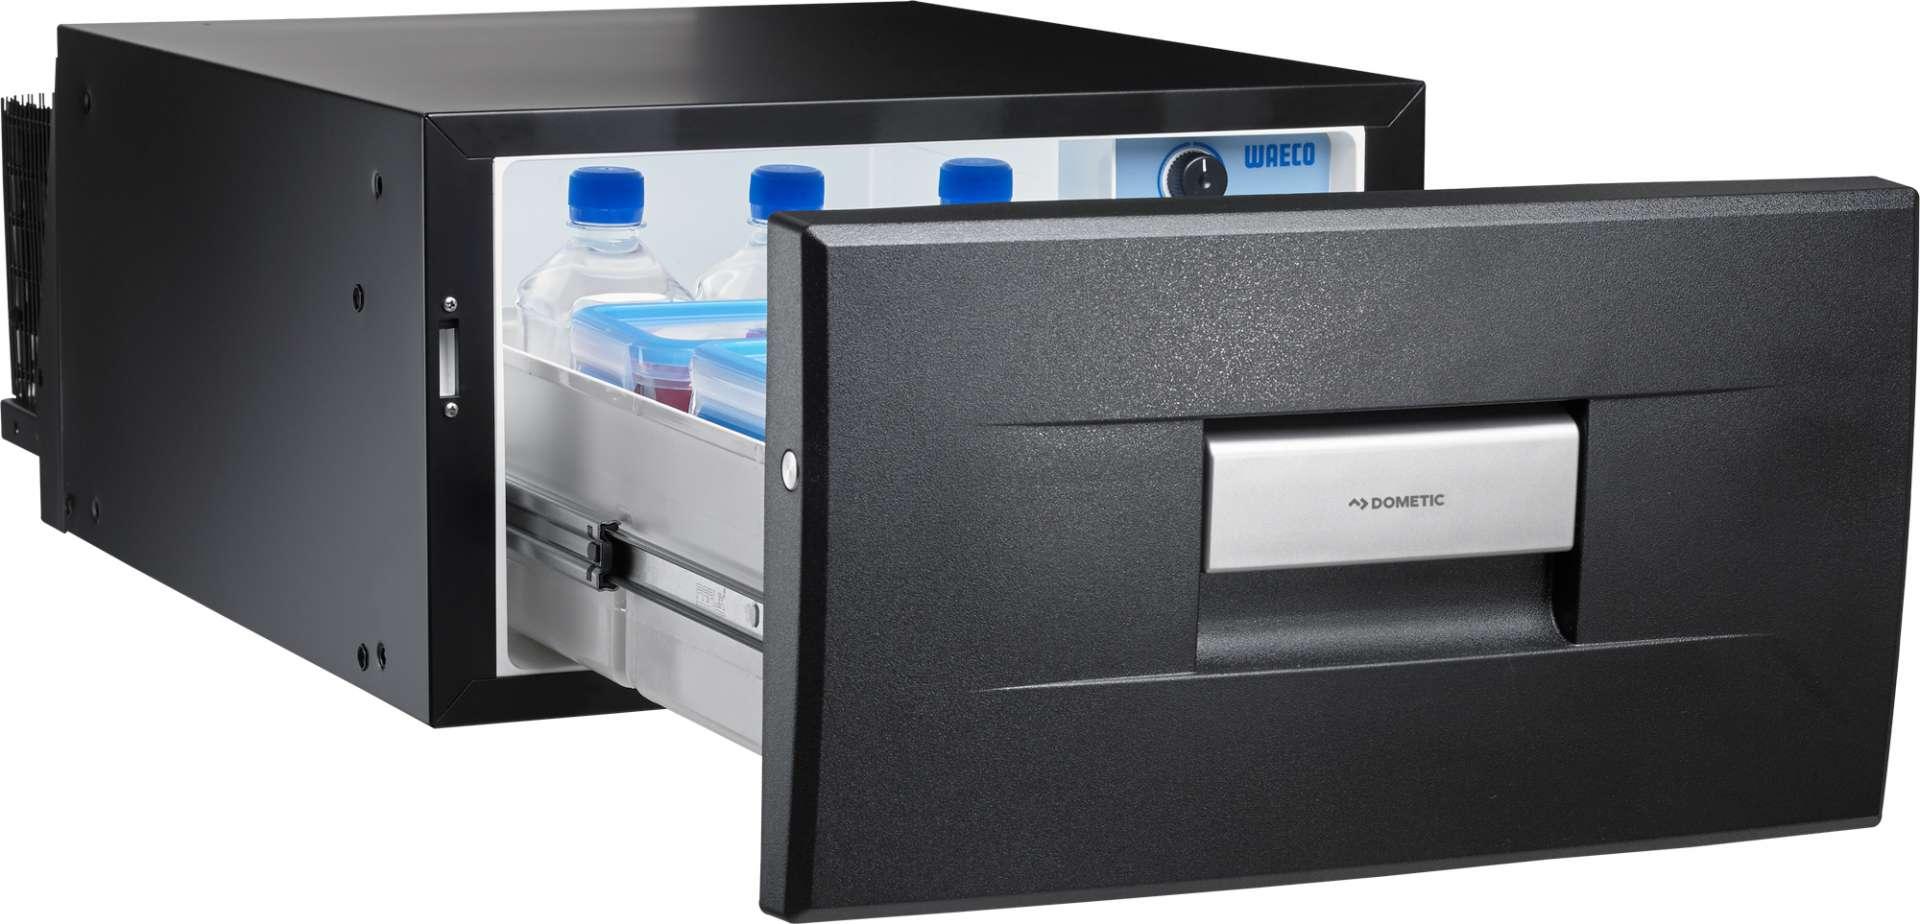 Coolmatic Kompressor-Kühlschrank Preisvergleich • Die besten ...